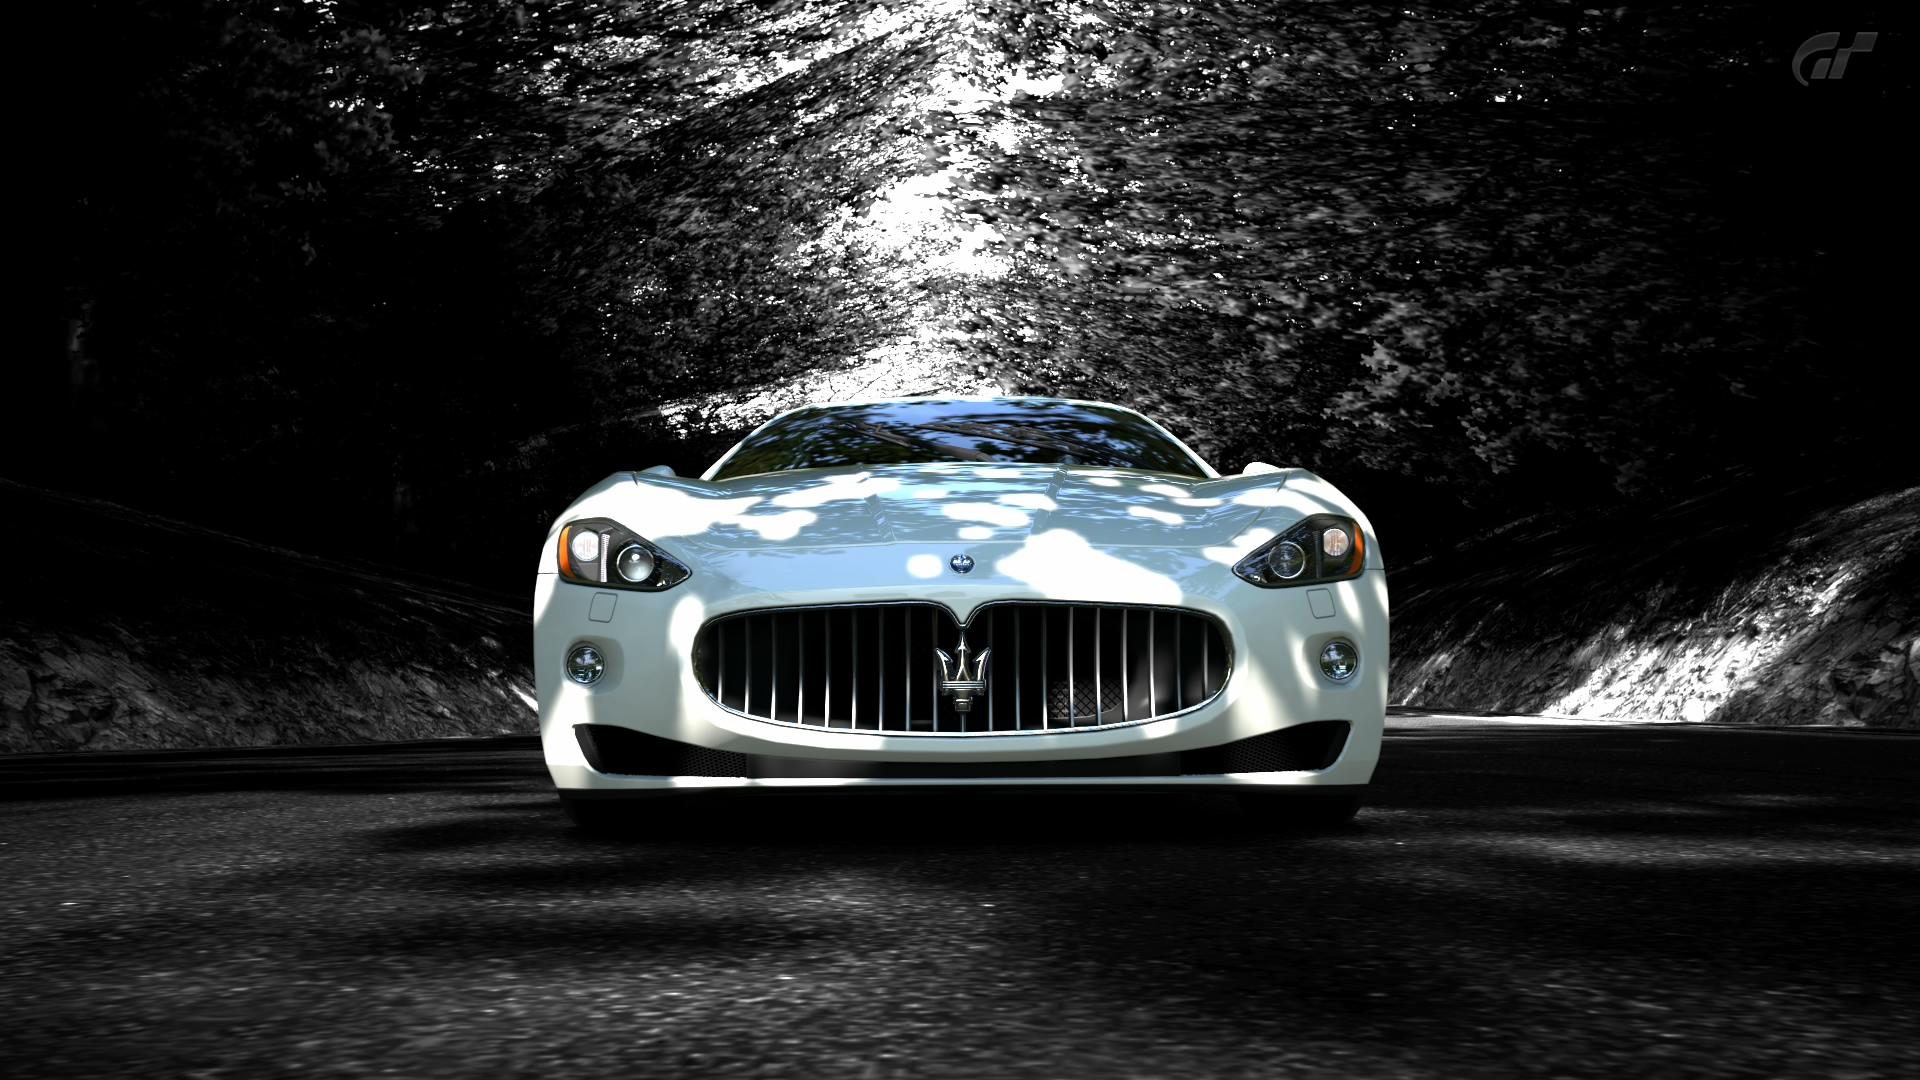 Awesome Maserati Wallpaper